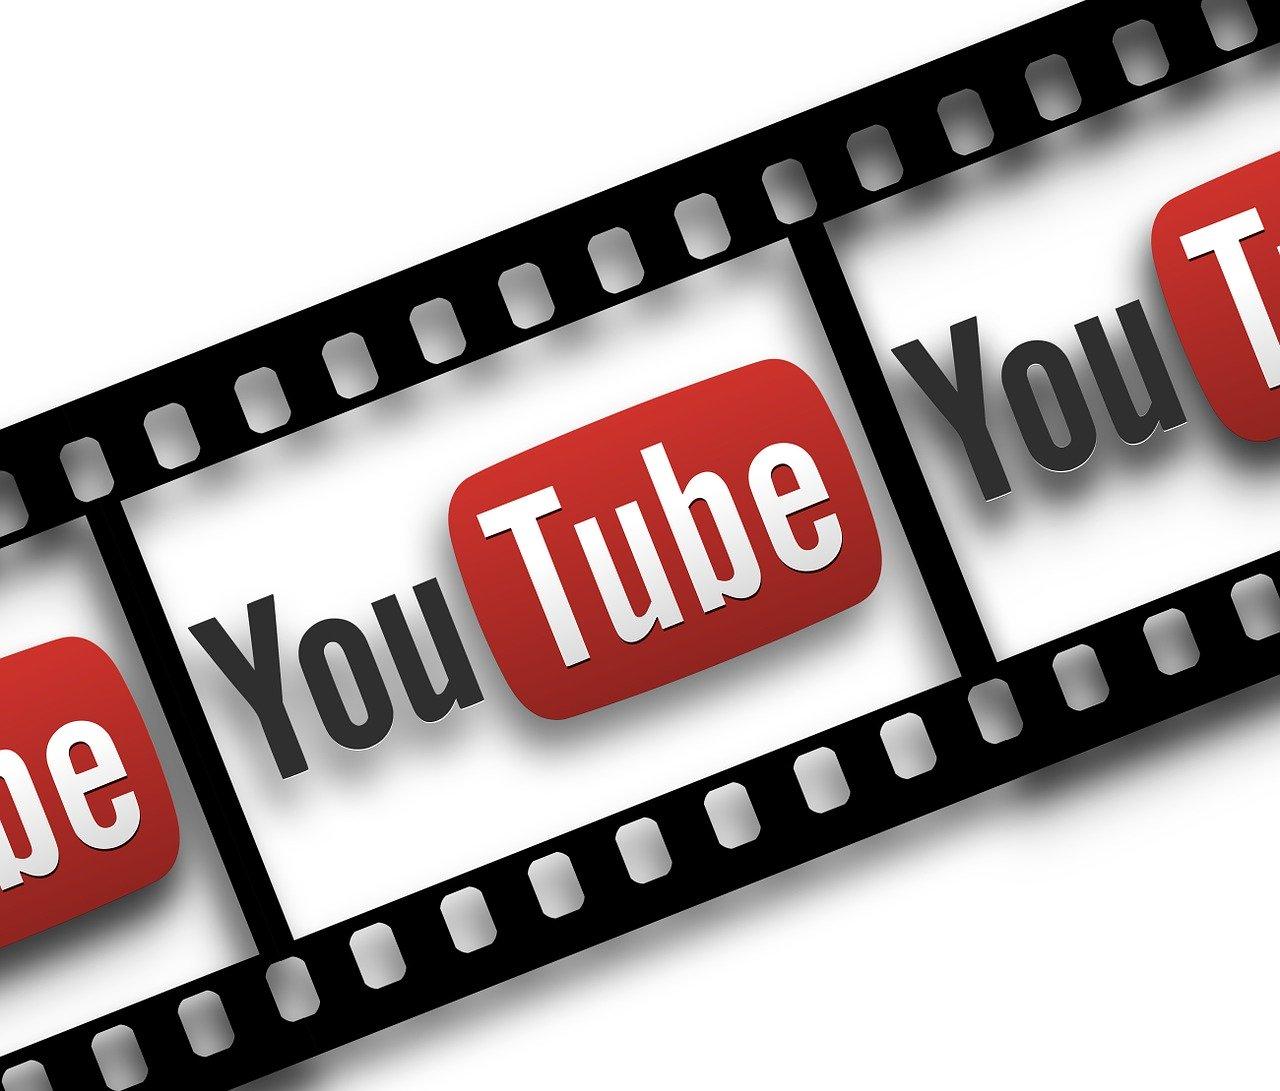 Wesentliche Funktionen eines kostenlosen YouTube-Downloaders